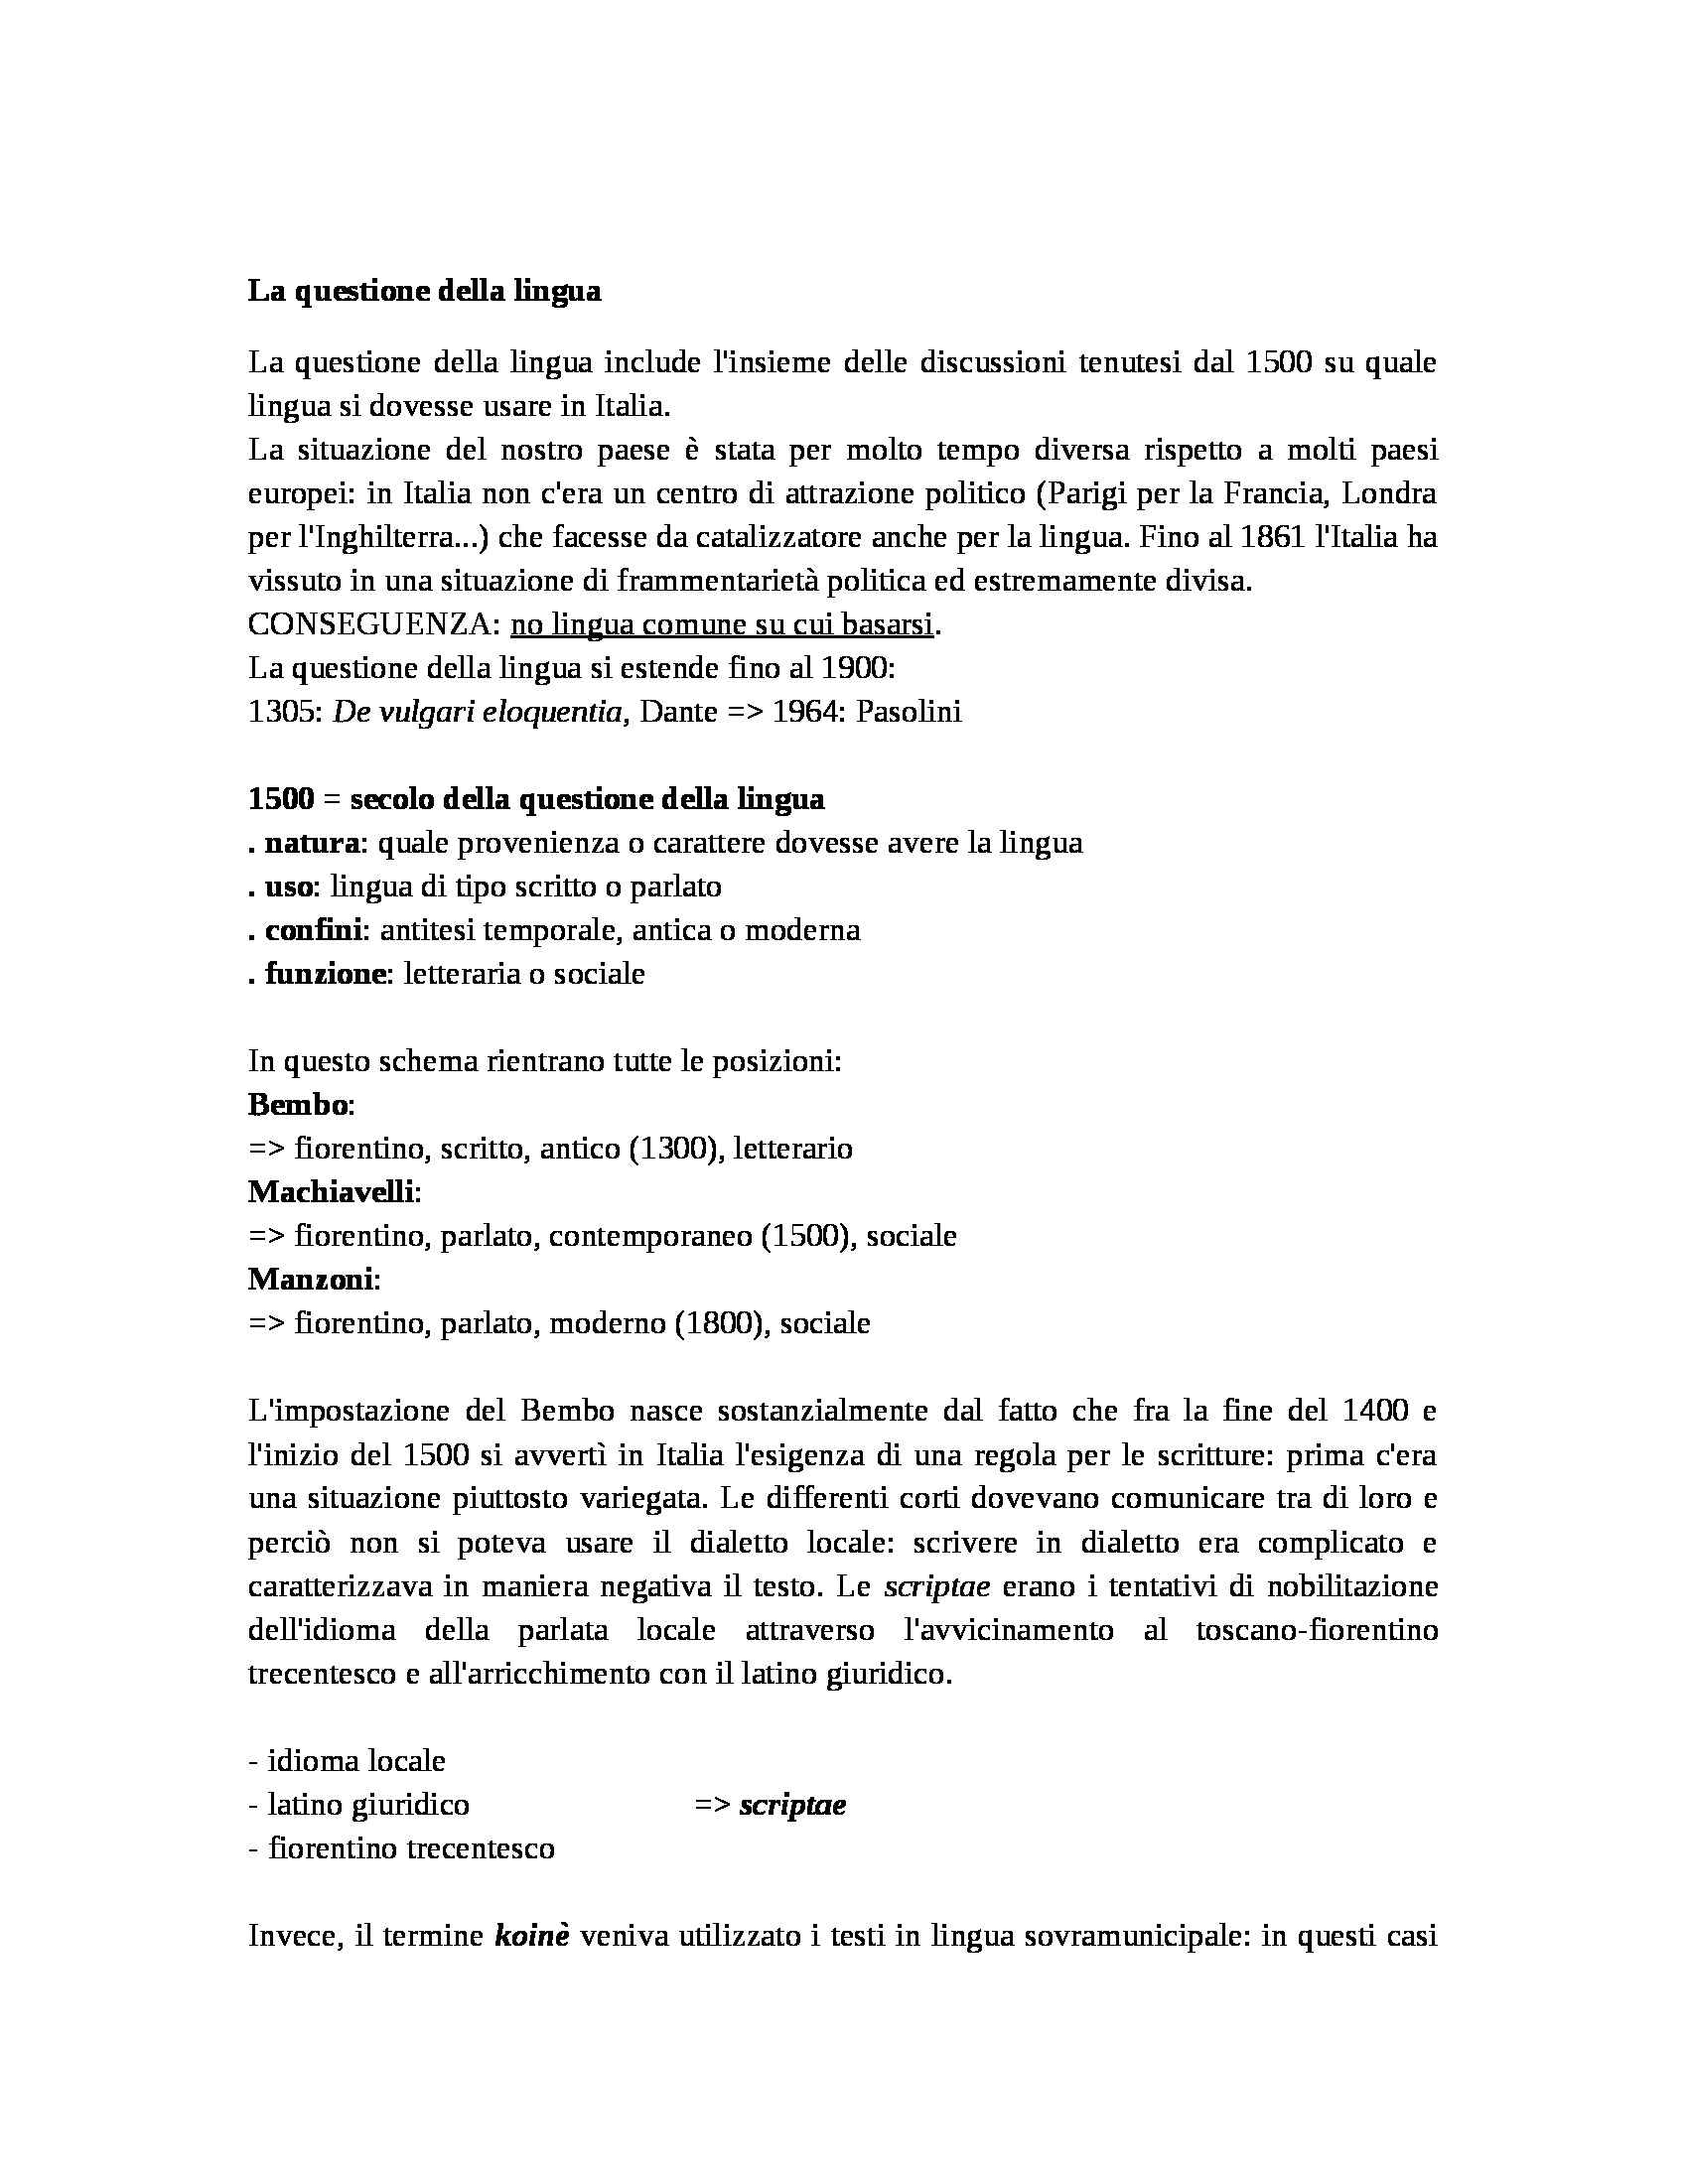 Storia della lingua italiana - questione della lingua